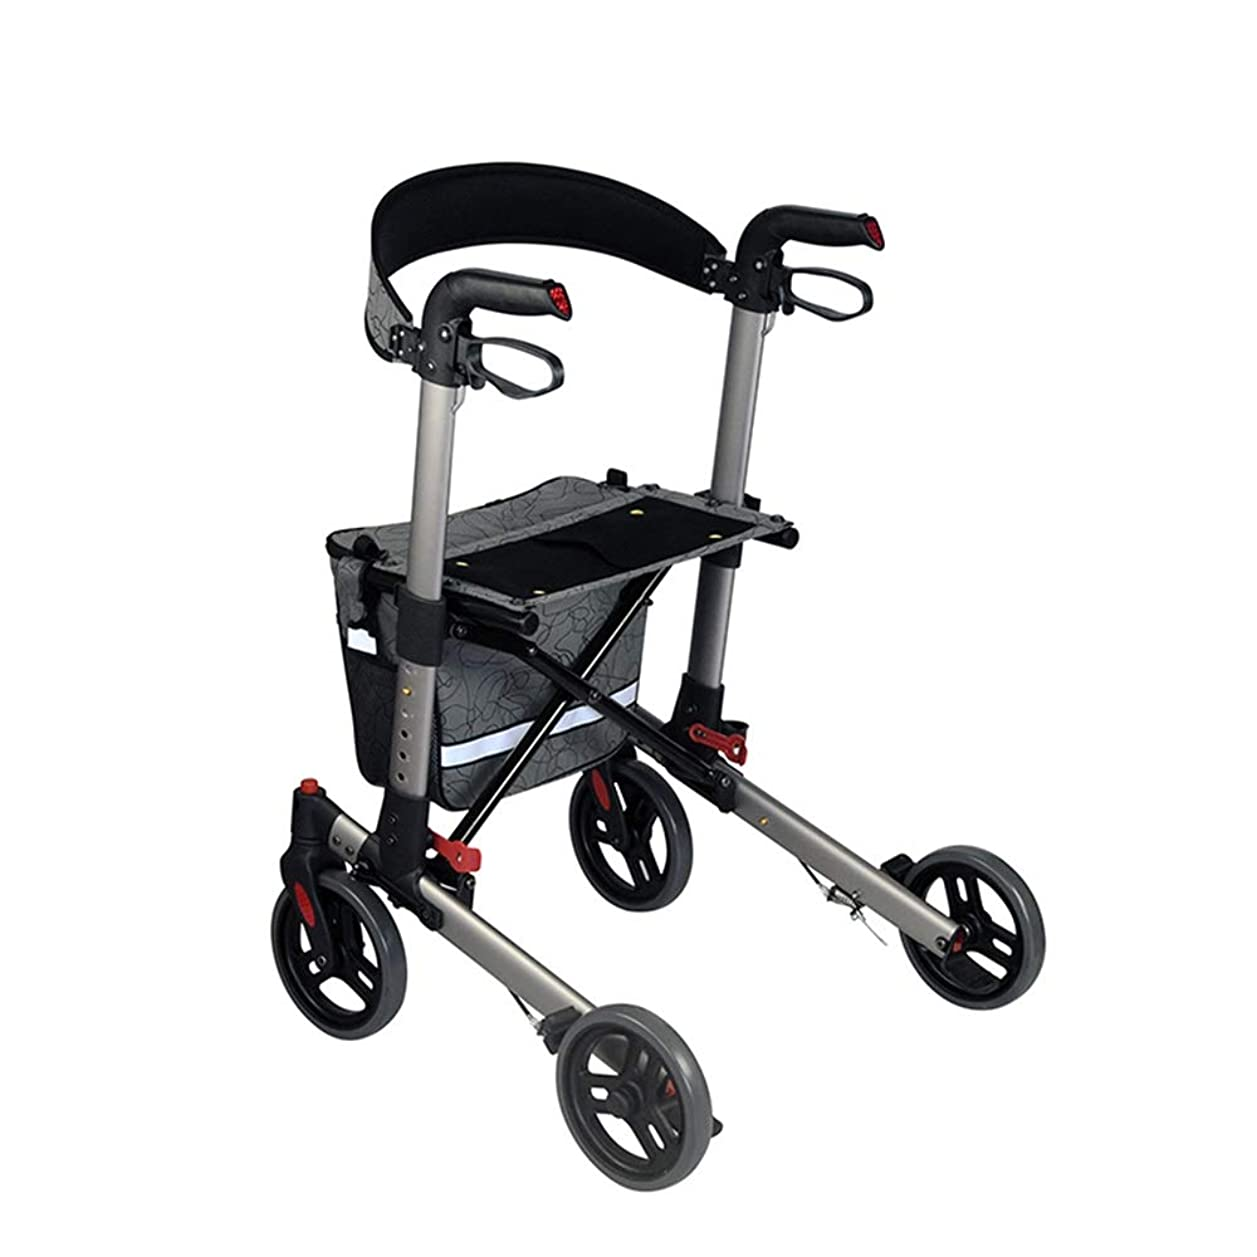 その懐疑的ピース軽量折りたたみ式4輪歩行歩行器、老人歩行カートショッピングカート多機能レジャー折りたたみショッピングカート